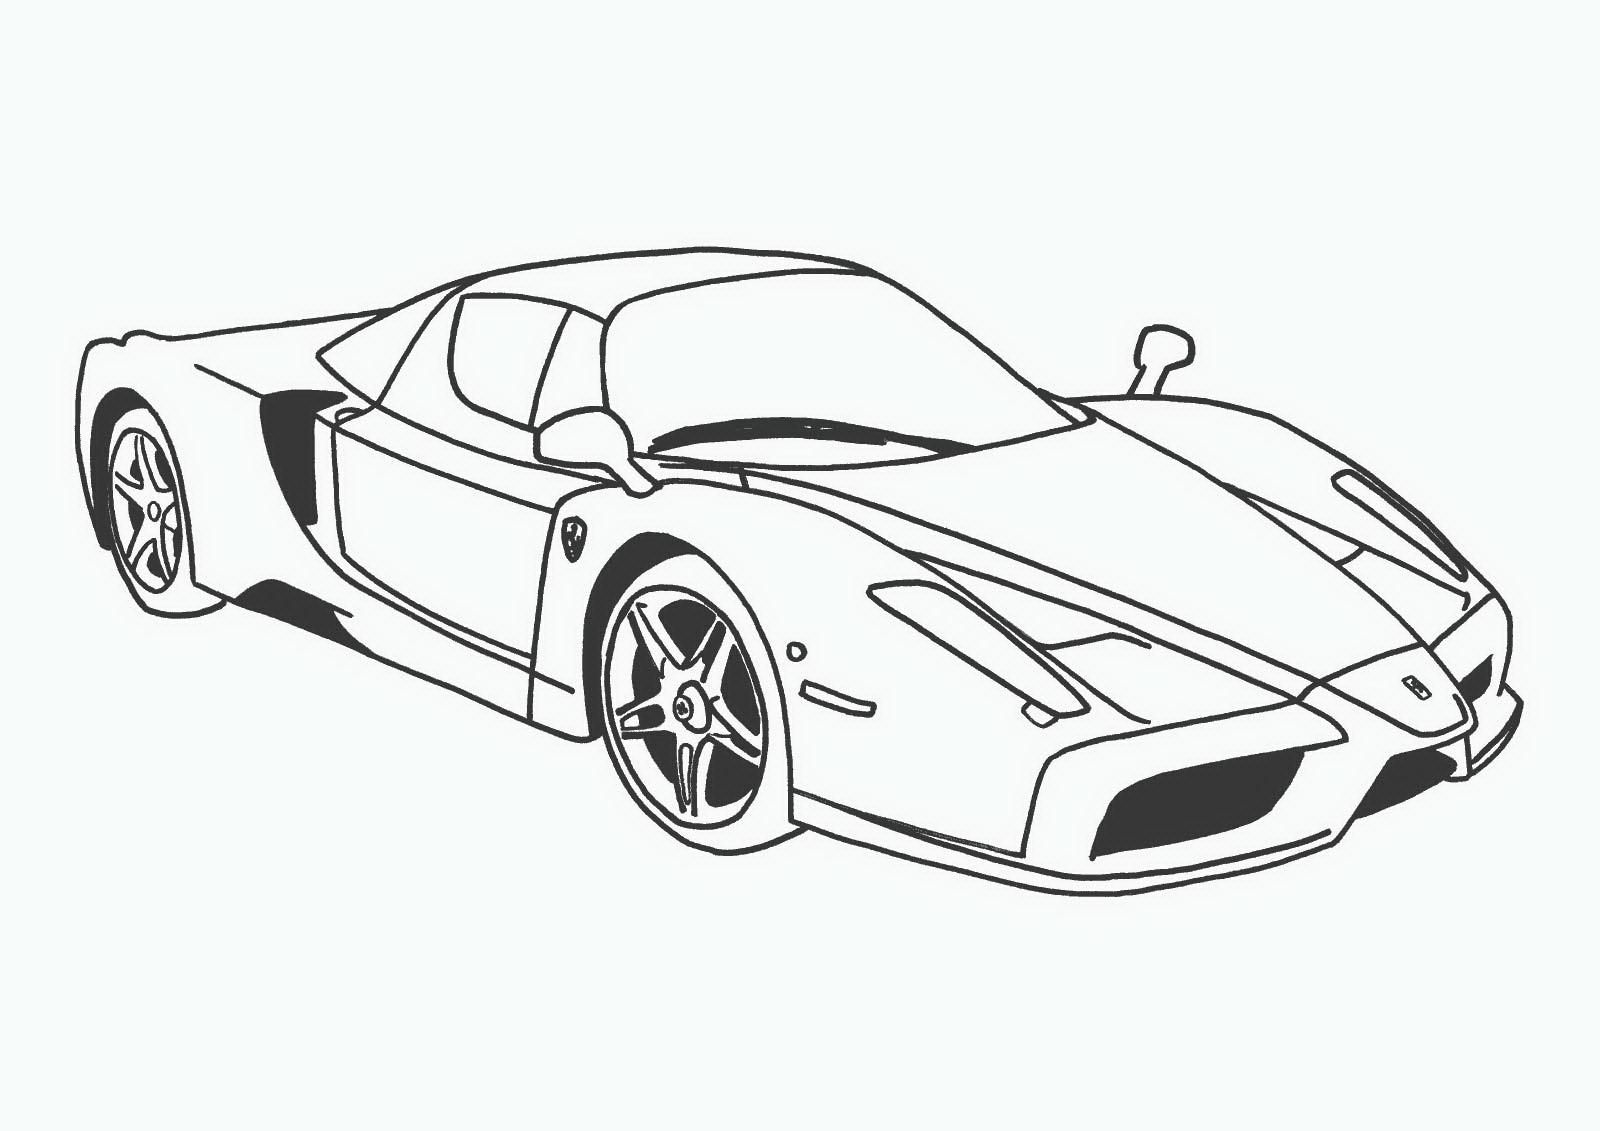 спортивные машины раскрашивать раскраски для мальчиков